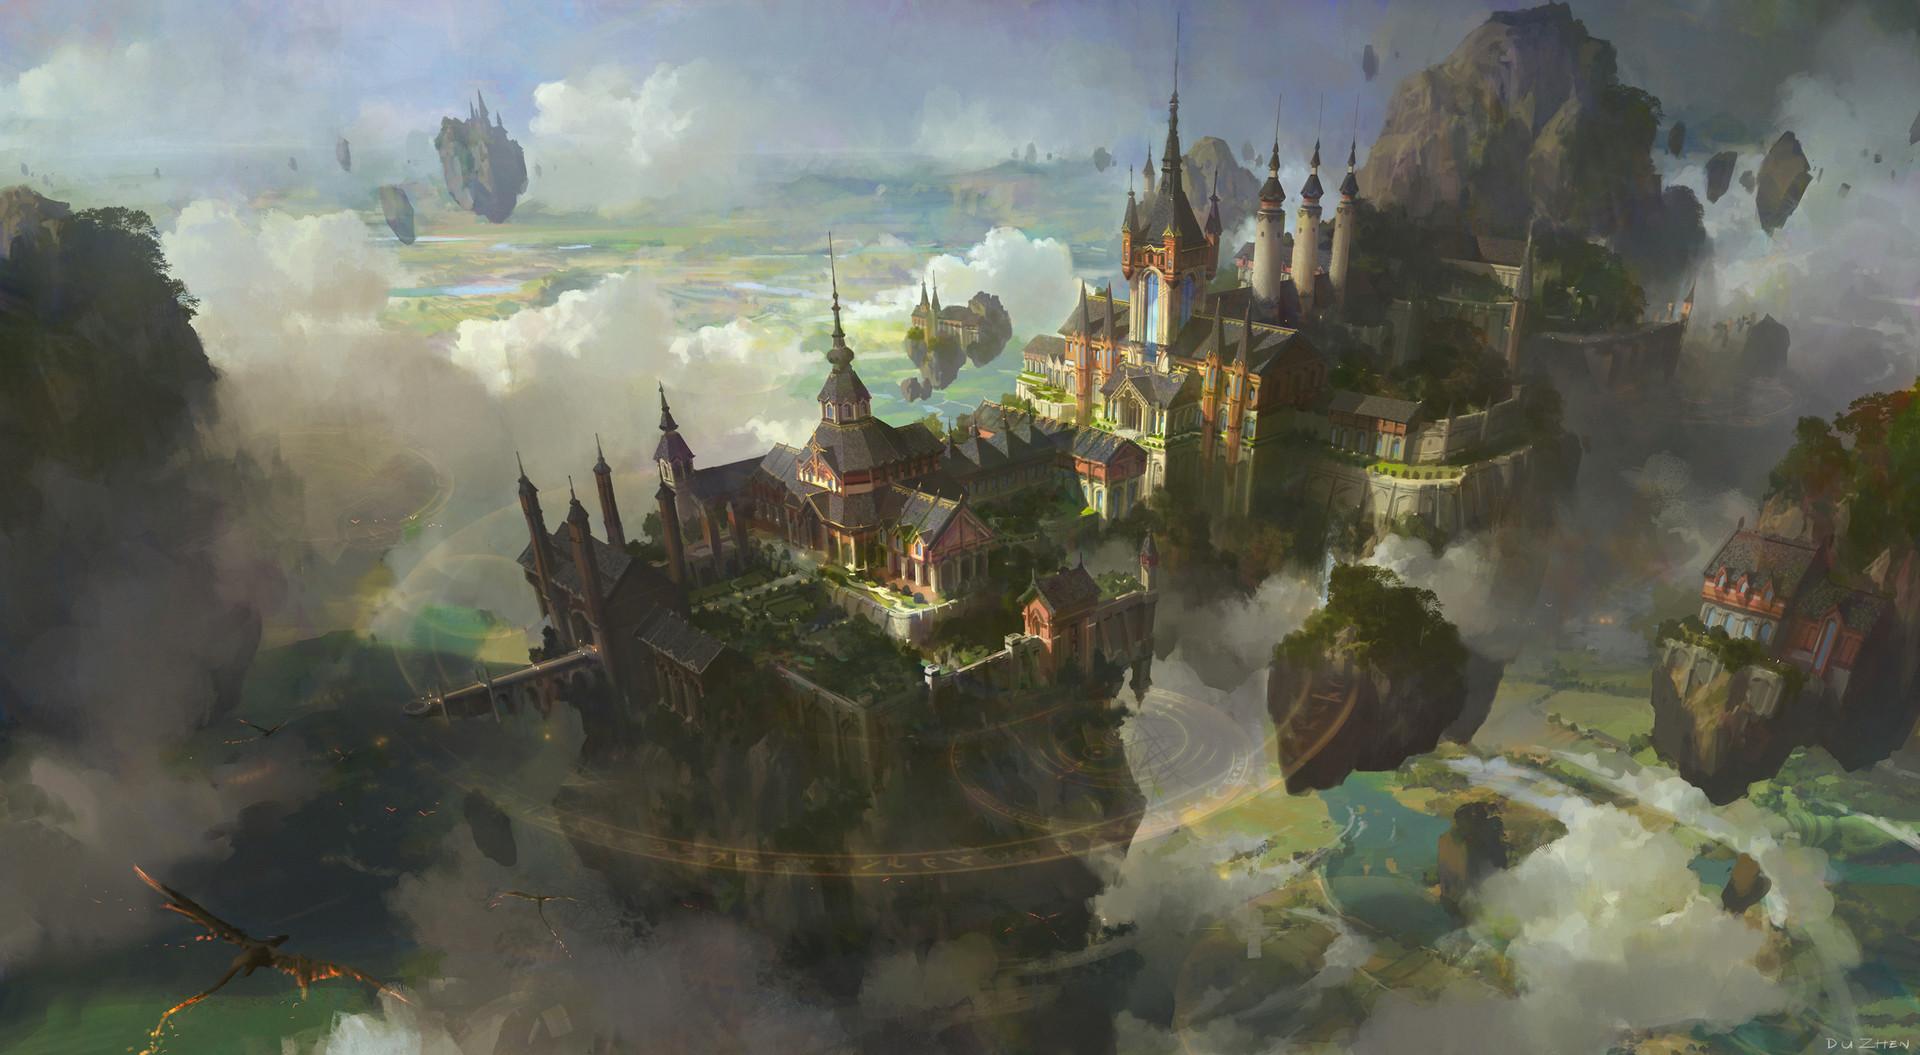 In The Sky by FenghuaArt